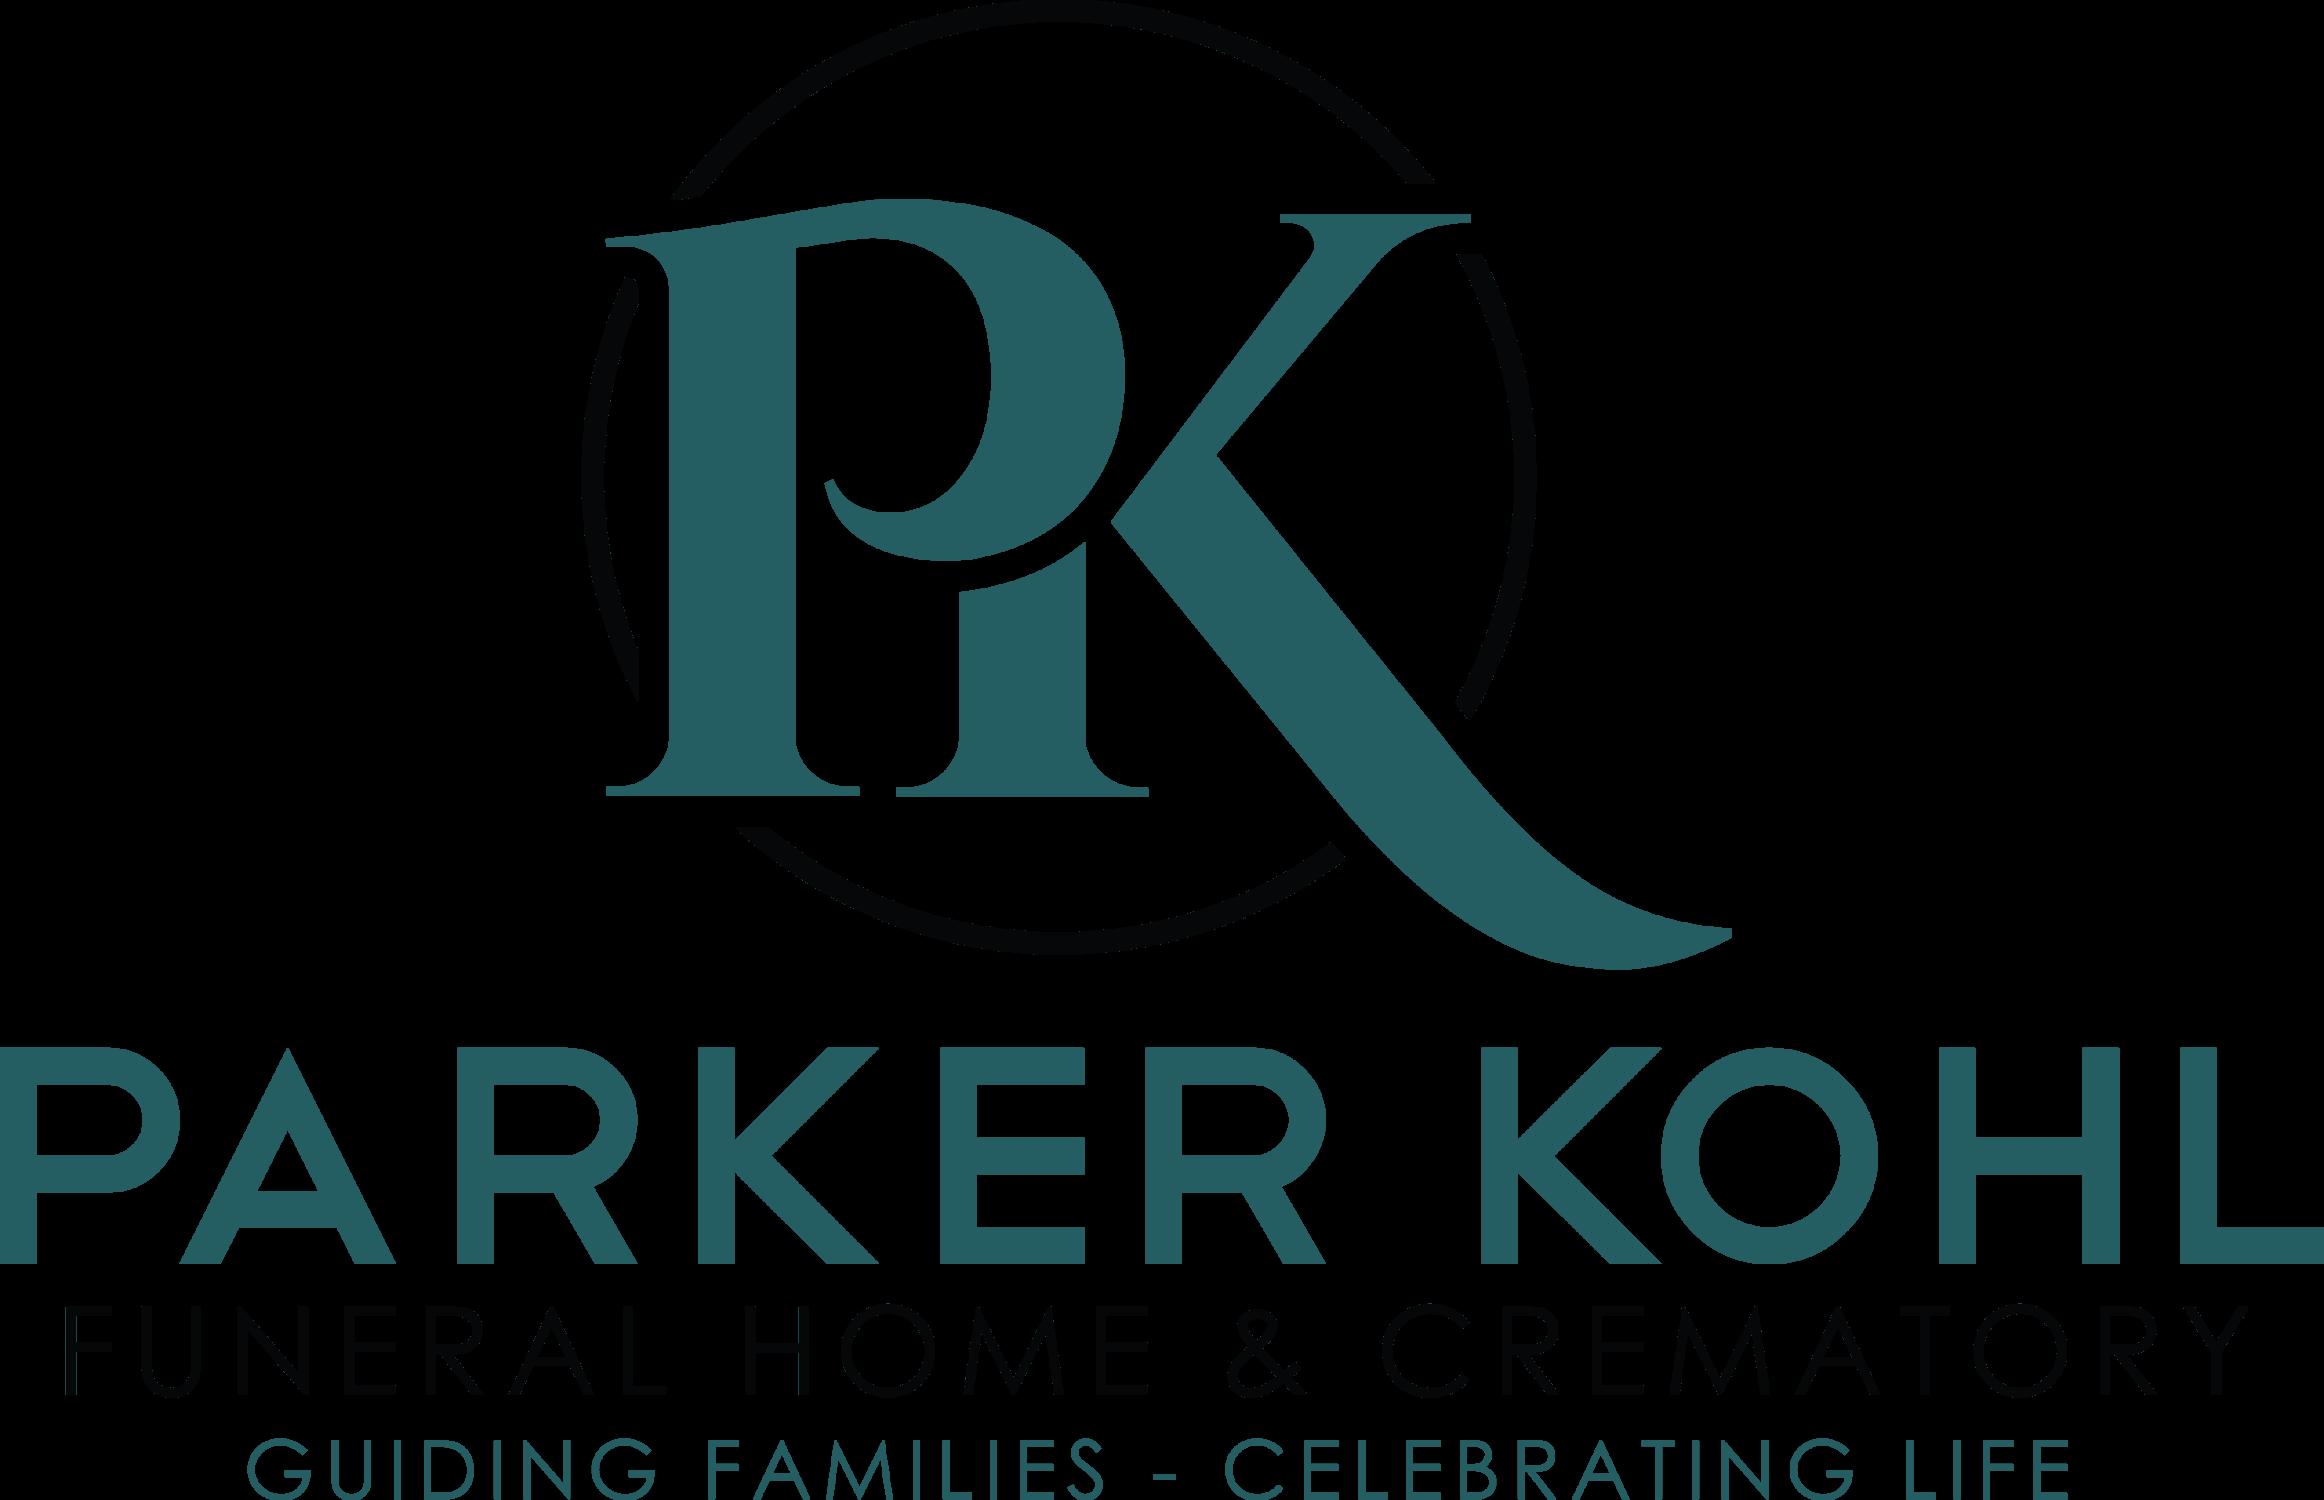 Parker-Kohl Funeral Home